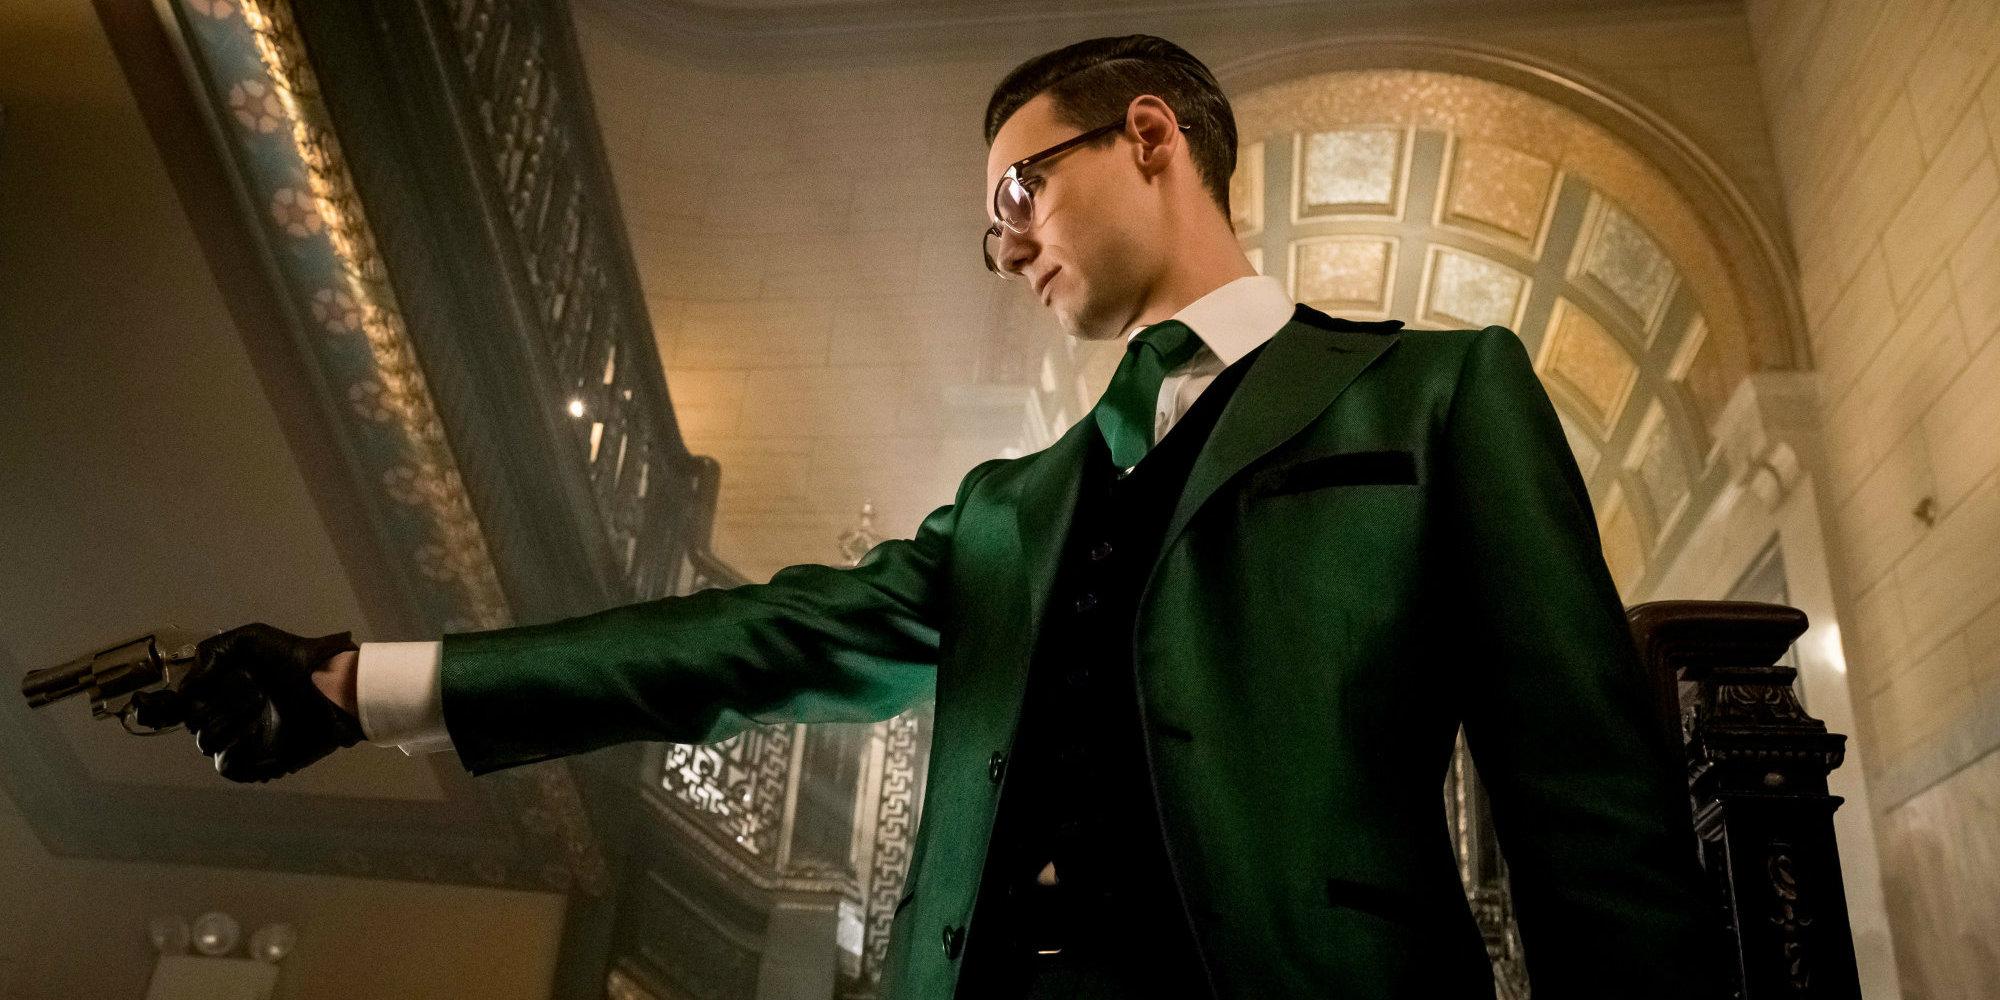 Gotham-Season-3-Riddler-Costume-Images.jpg